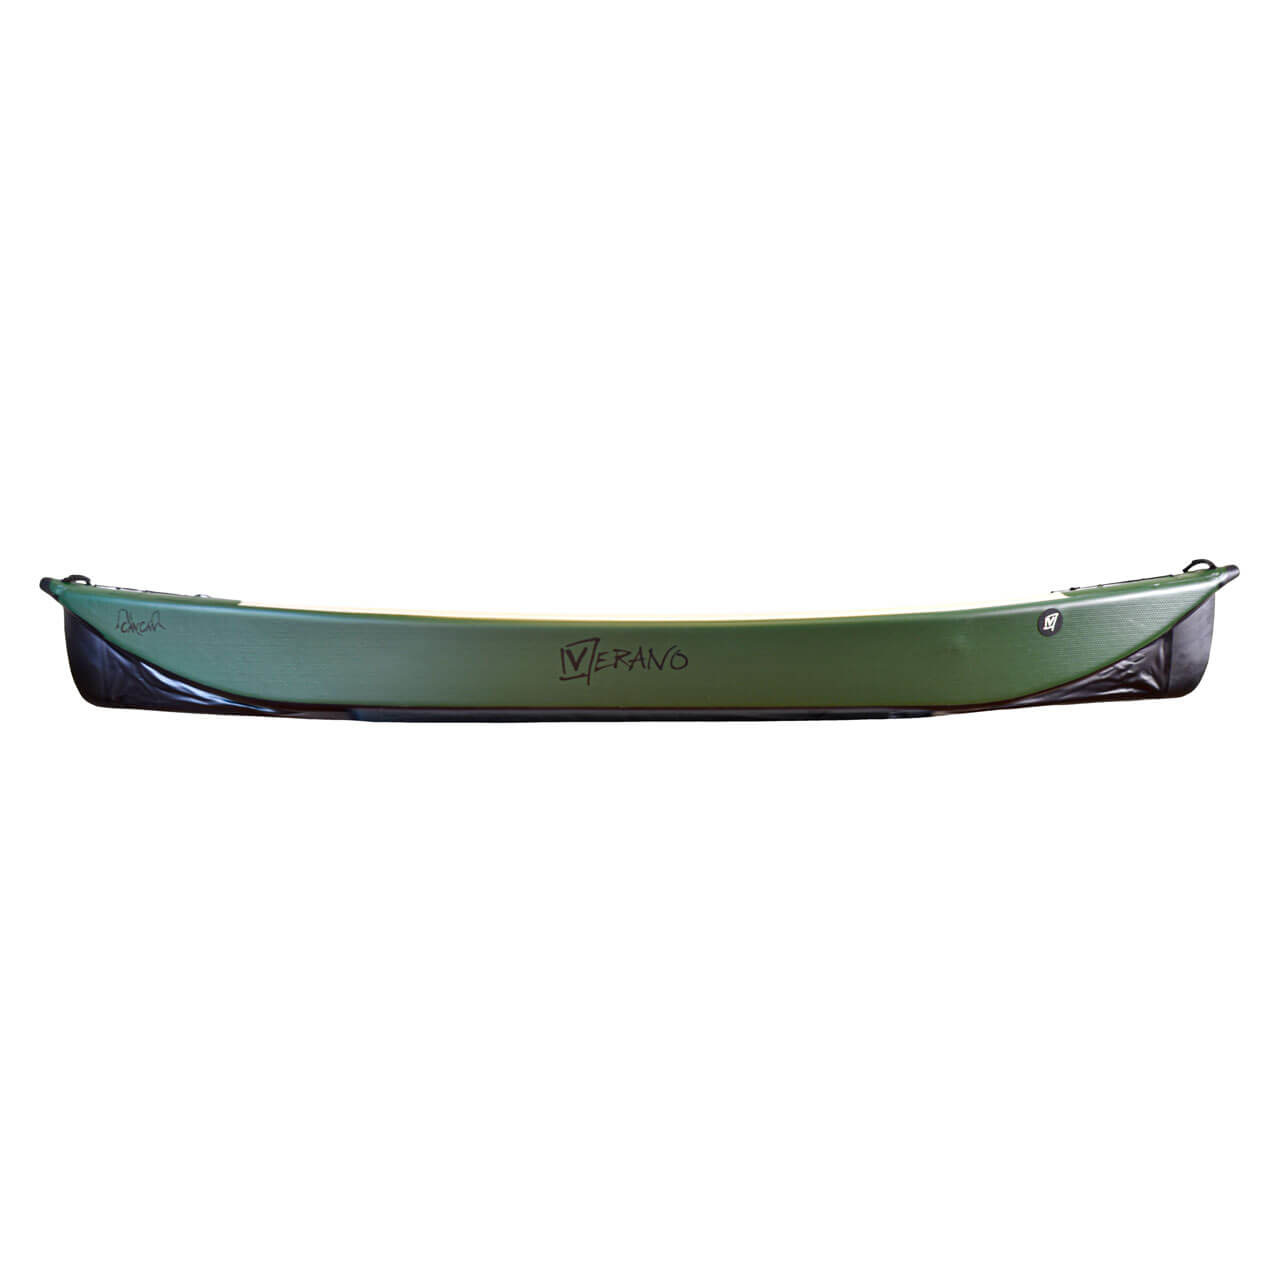 Verano CanCan Canoe